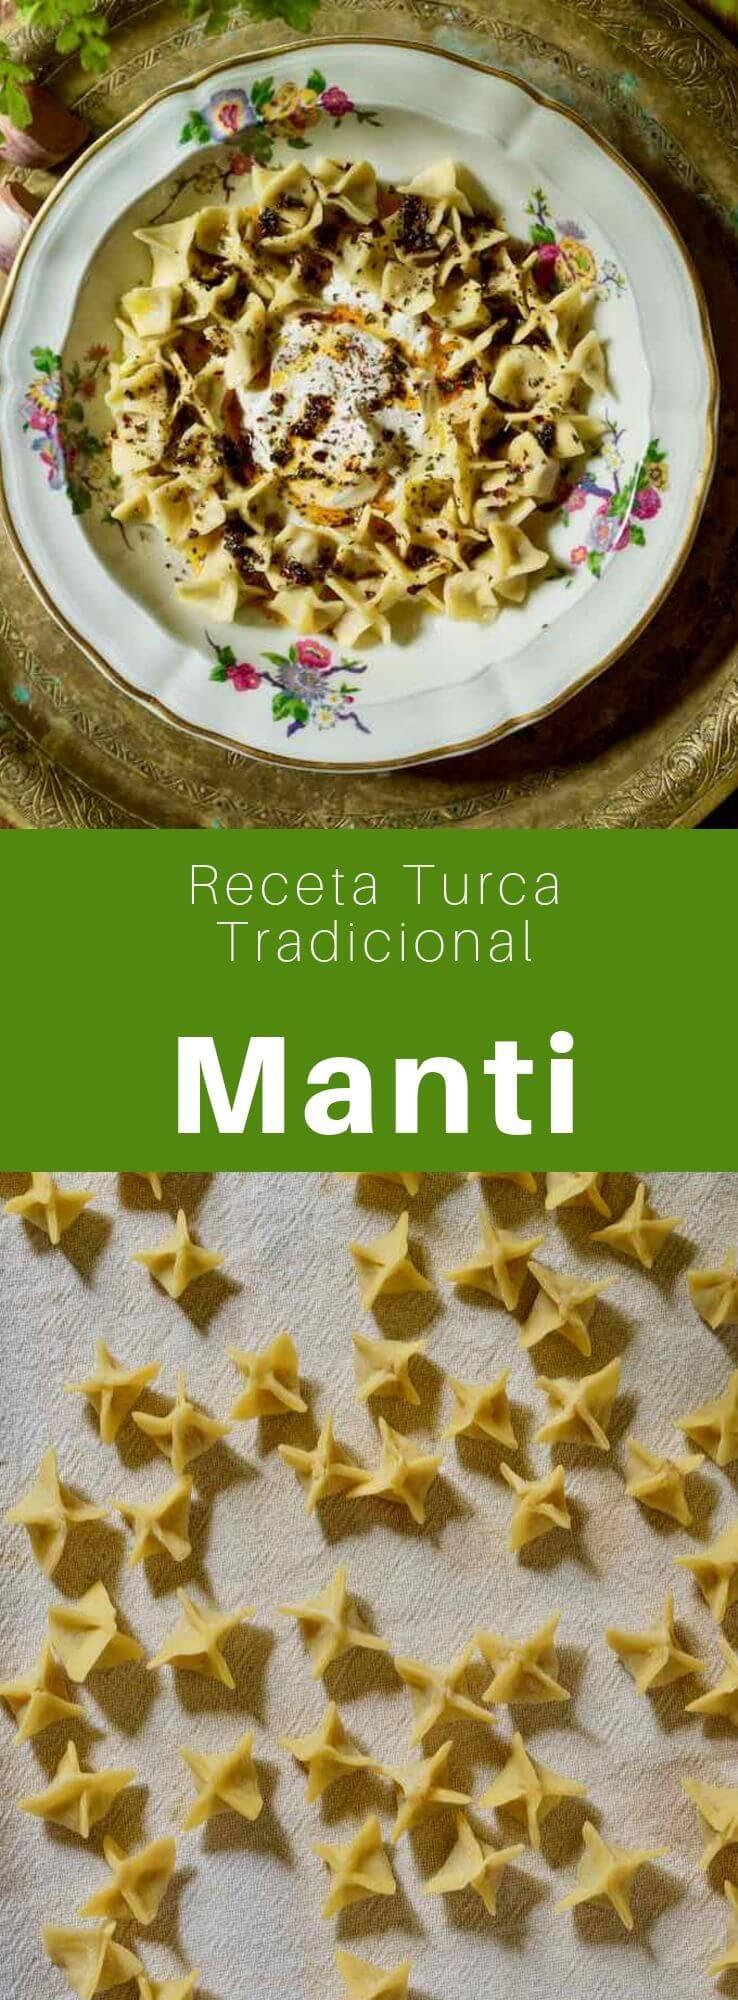 Los manti son raviolis de origen turco que son populares en las cocinas del sur del Cáucaso, Asia Central, Afganistán y entre los musulmanes chinos. Se rellenan con carne de cordero o res y se sirven con salsa picante y yogurt de ajo.